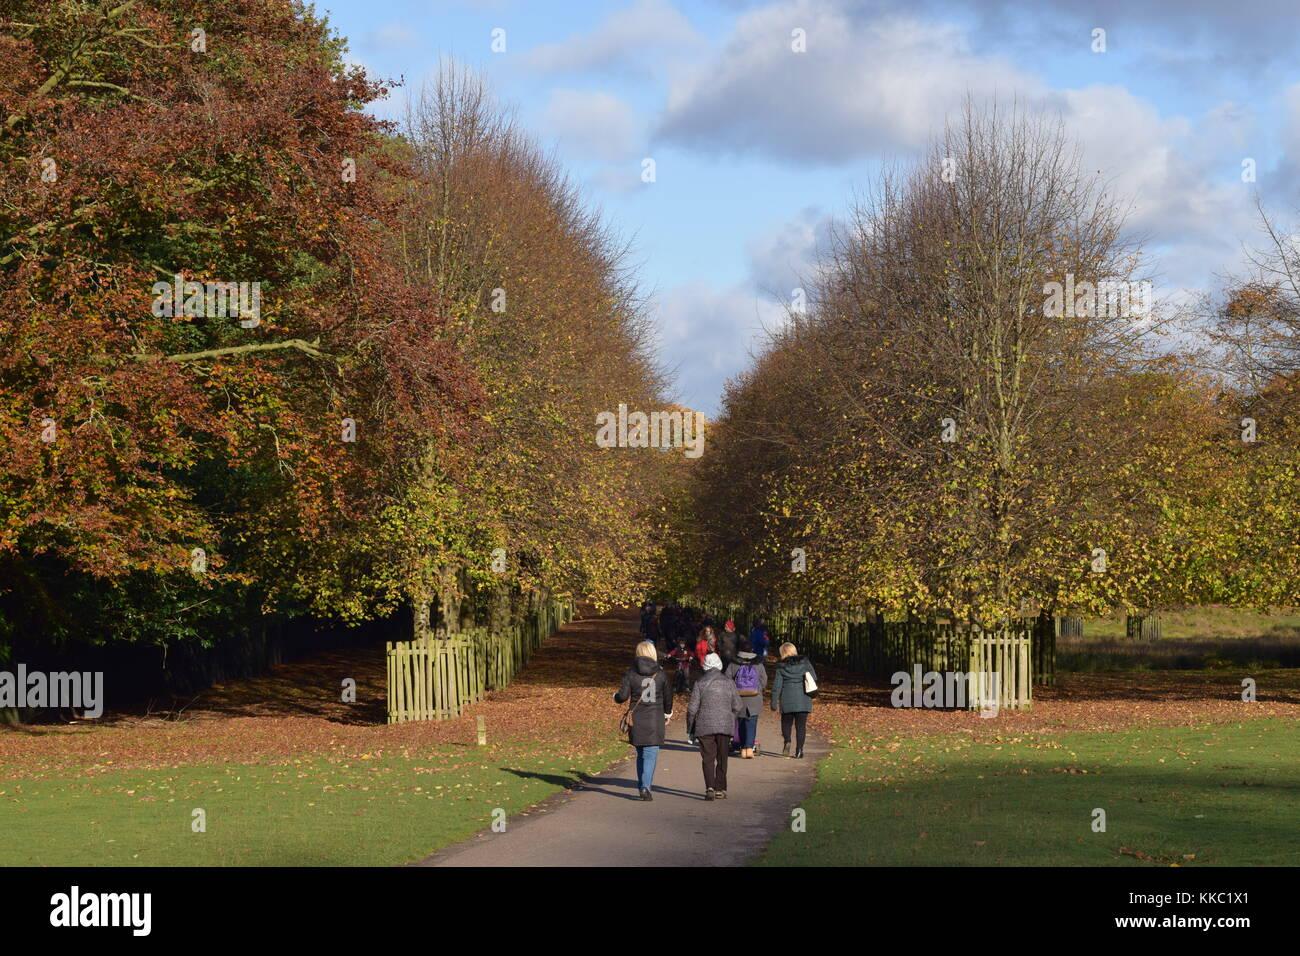 Dunham Massey People Walking - Stock Image